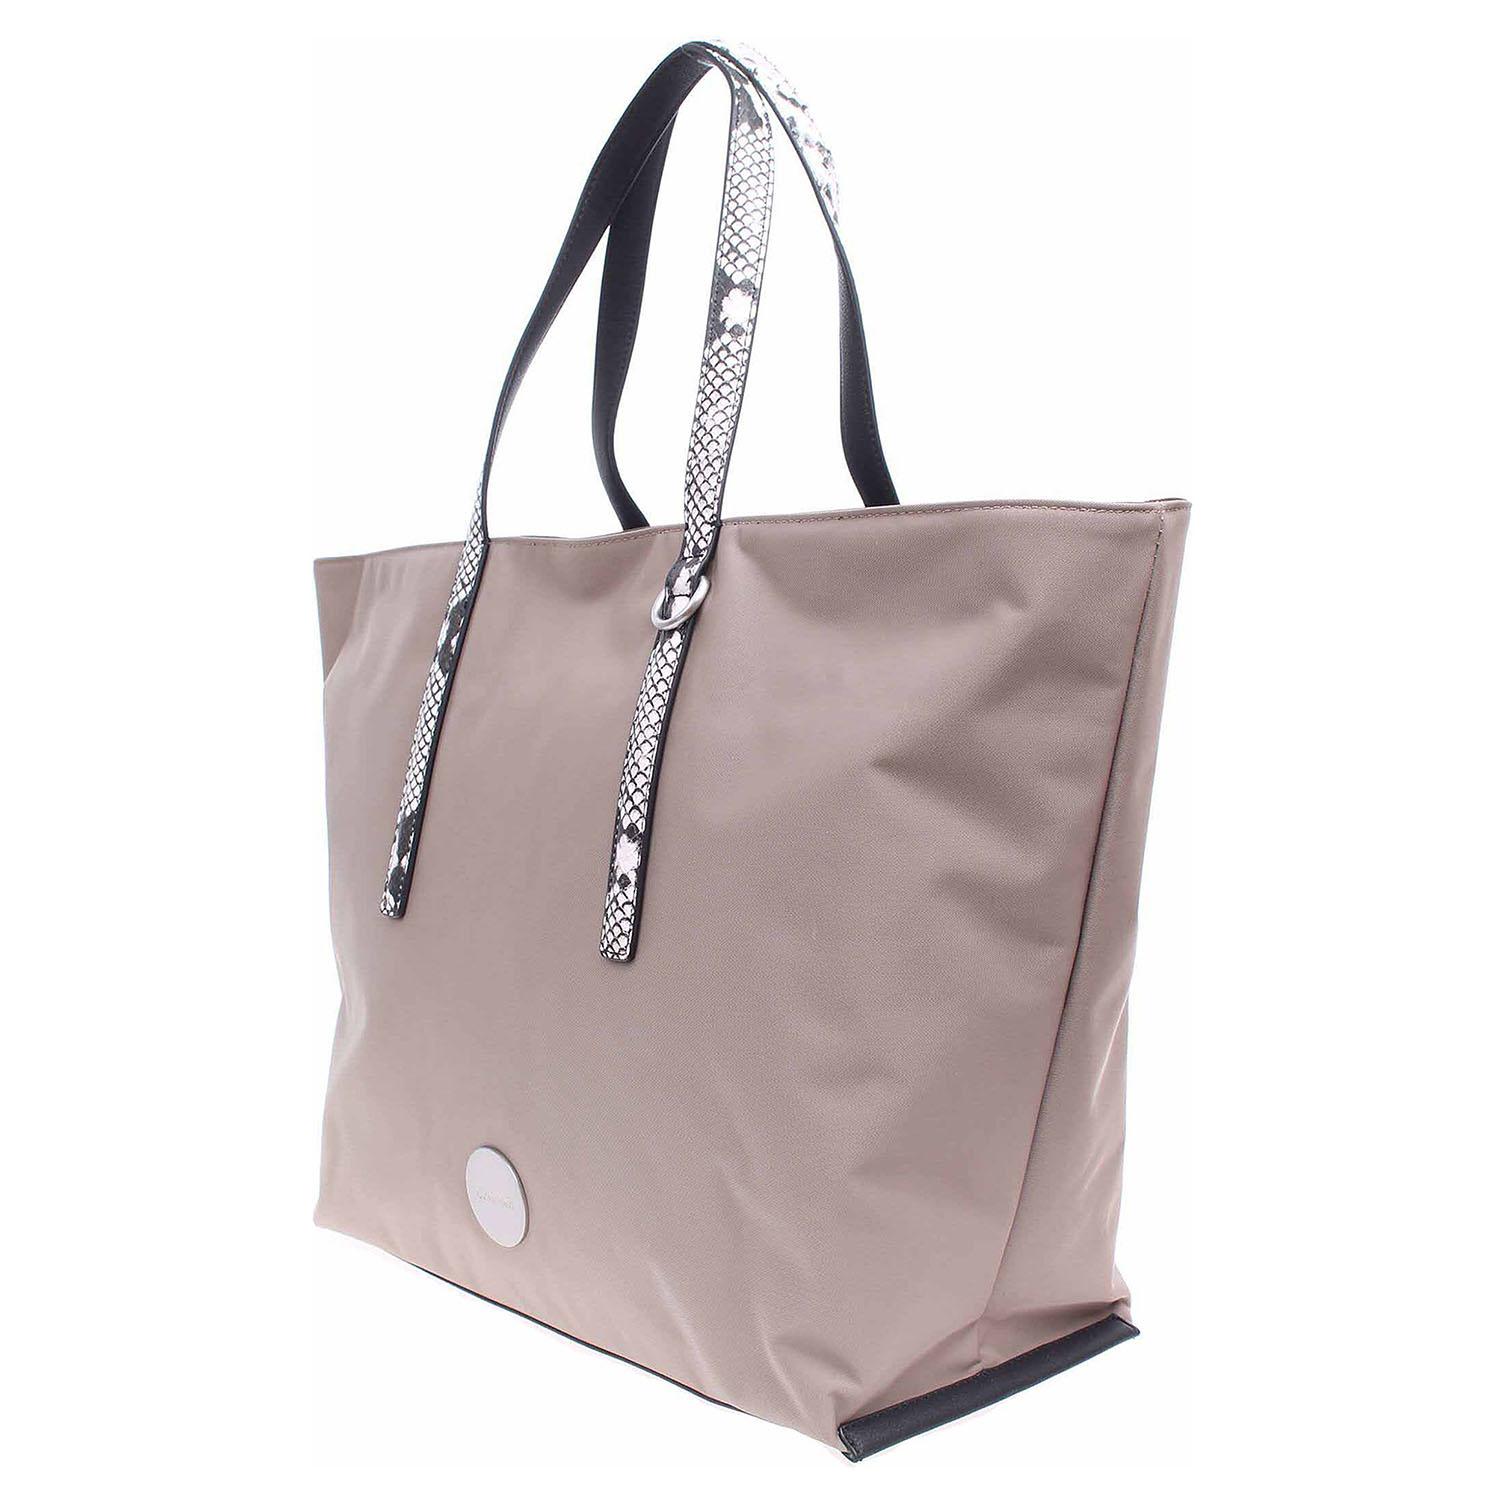 Ecco Calvin Klein dámská kabelka K60K602635068 béžová 11891167